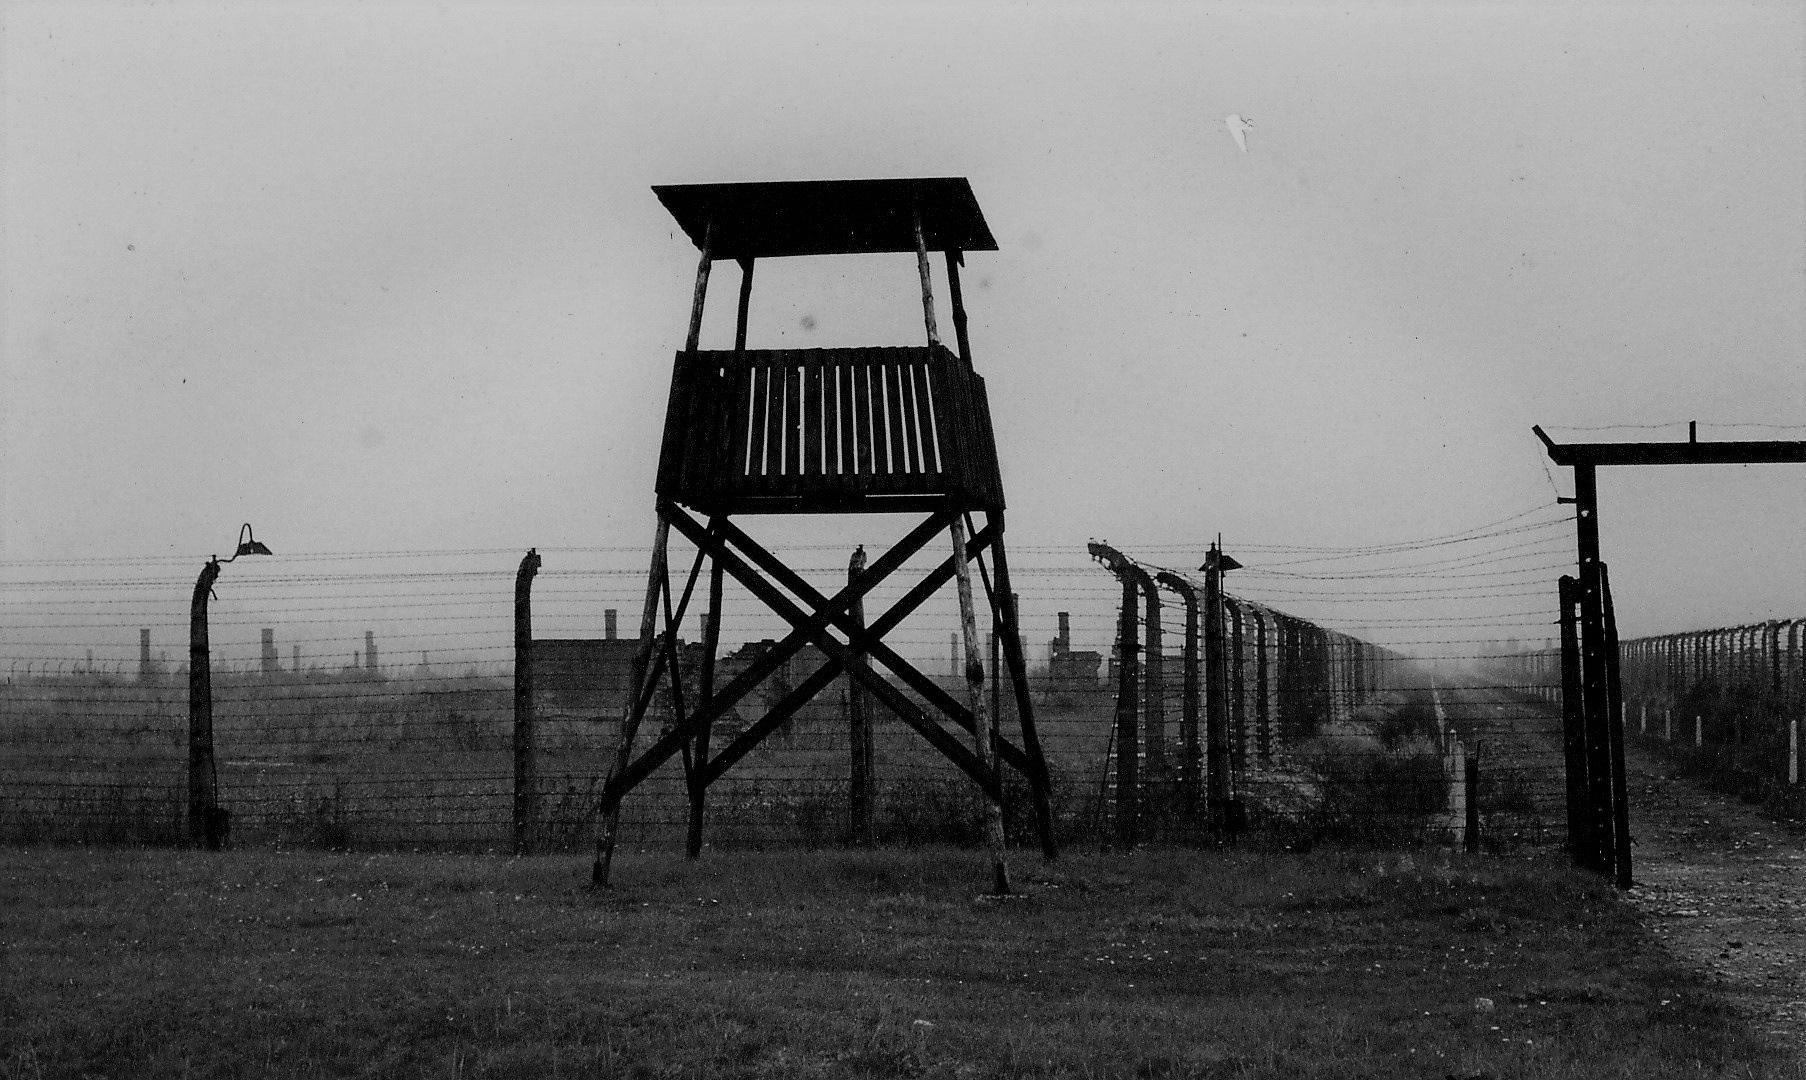 Campo di sterminio Auschwitz-Birkenau by meiferdinando